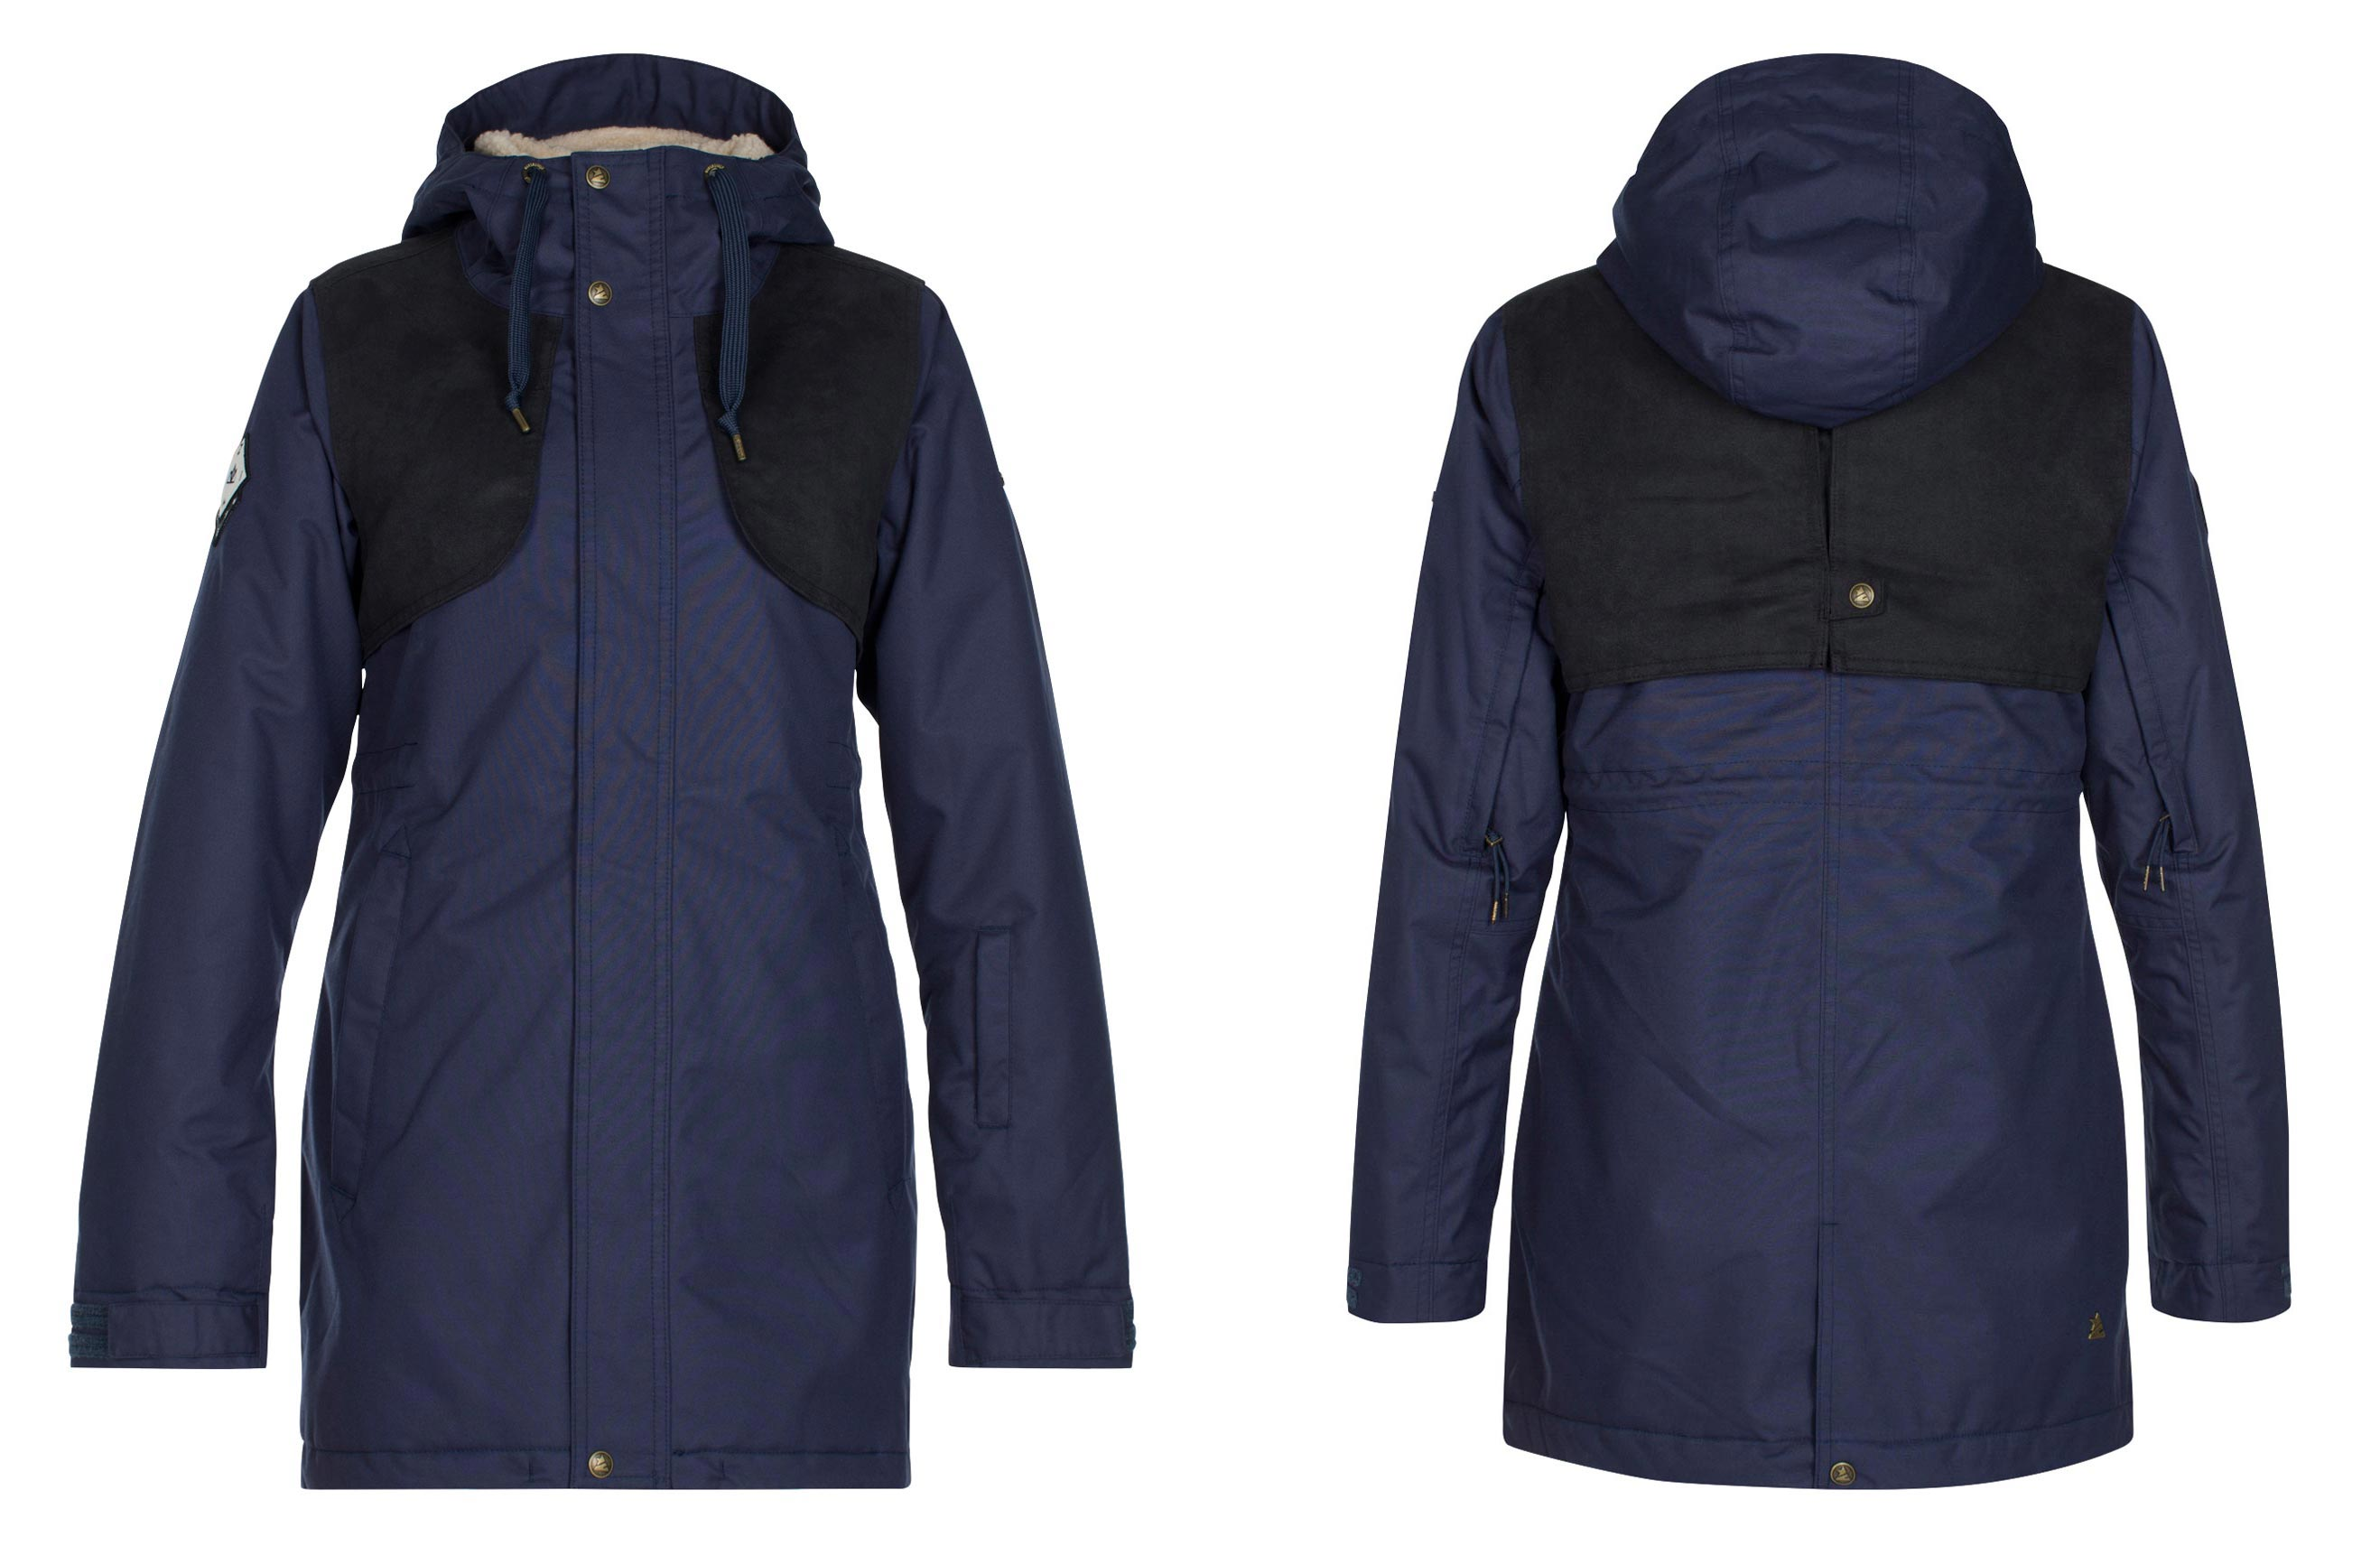 Zimtstern Mazonka Jacket für Damen - Farbe: Navy